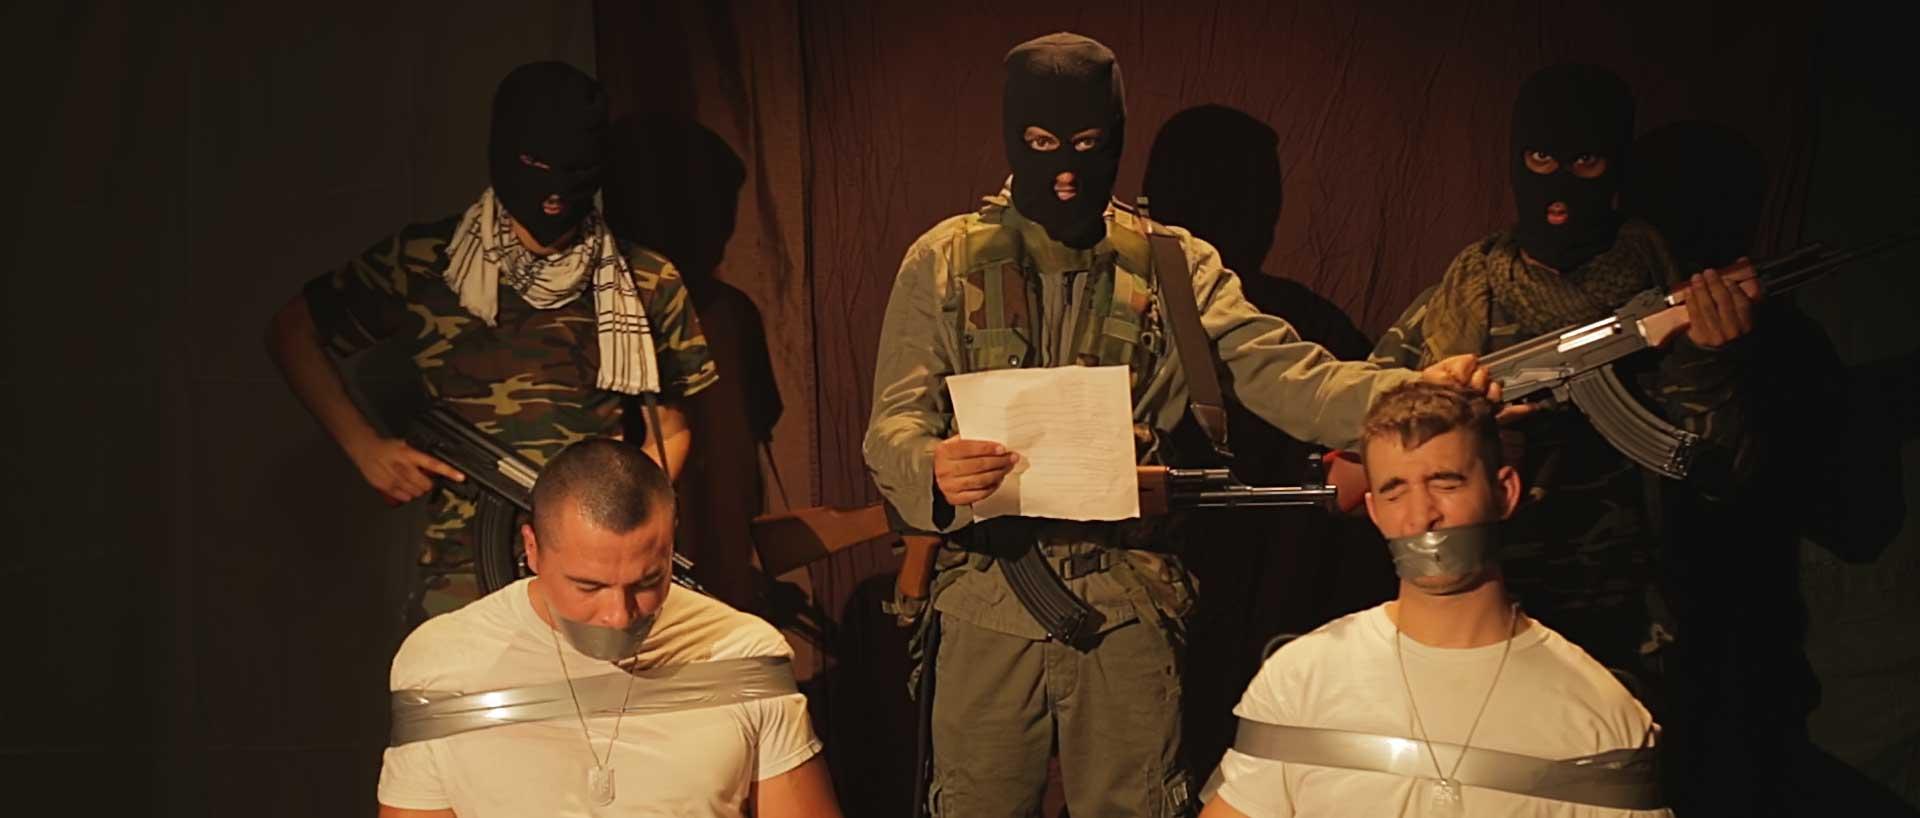 American-Hostage-still-(1)